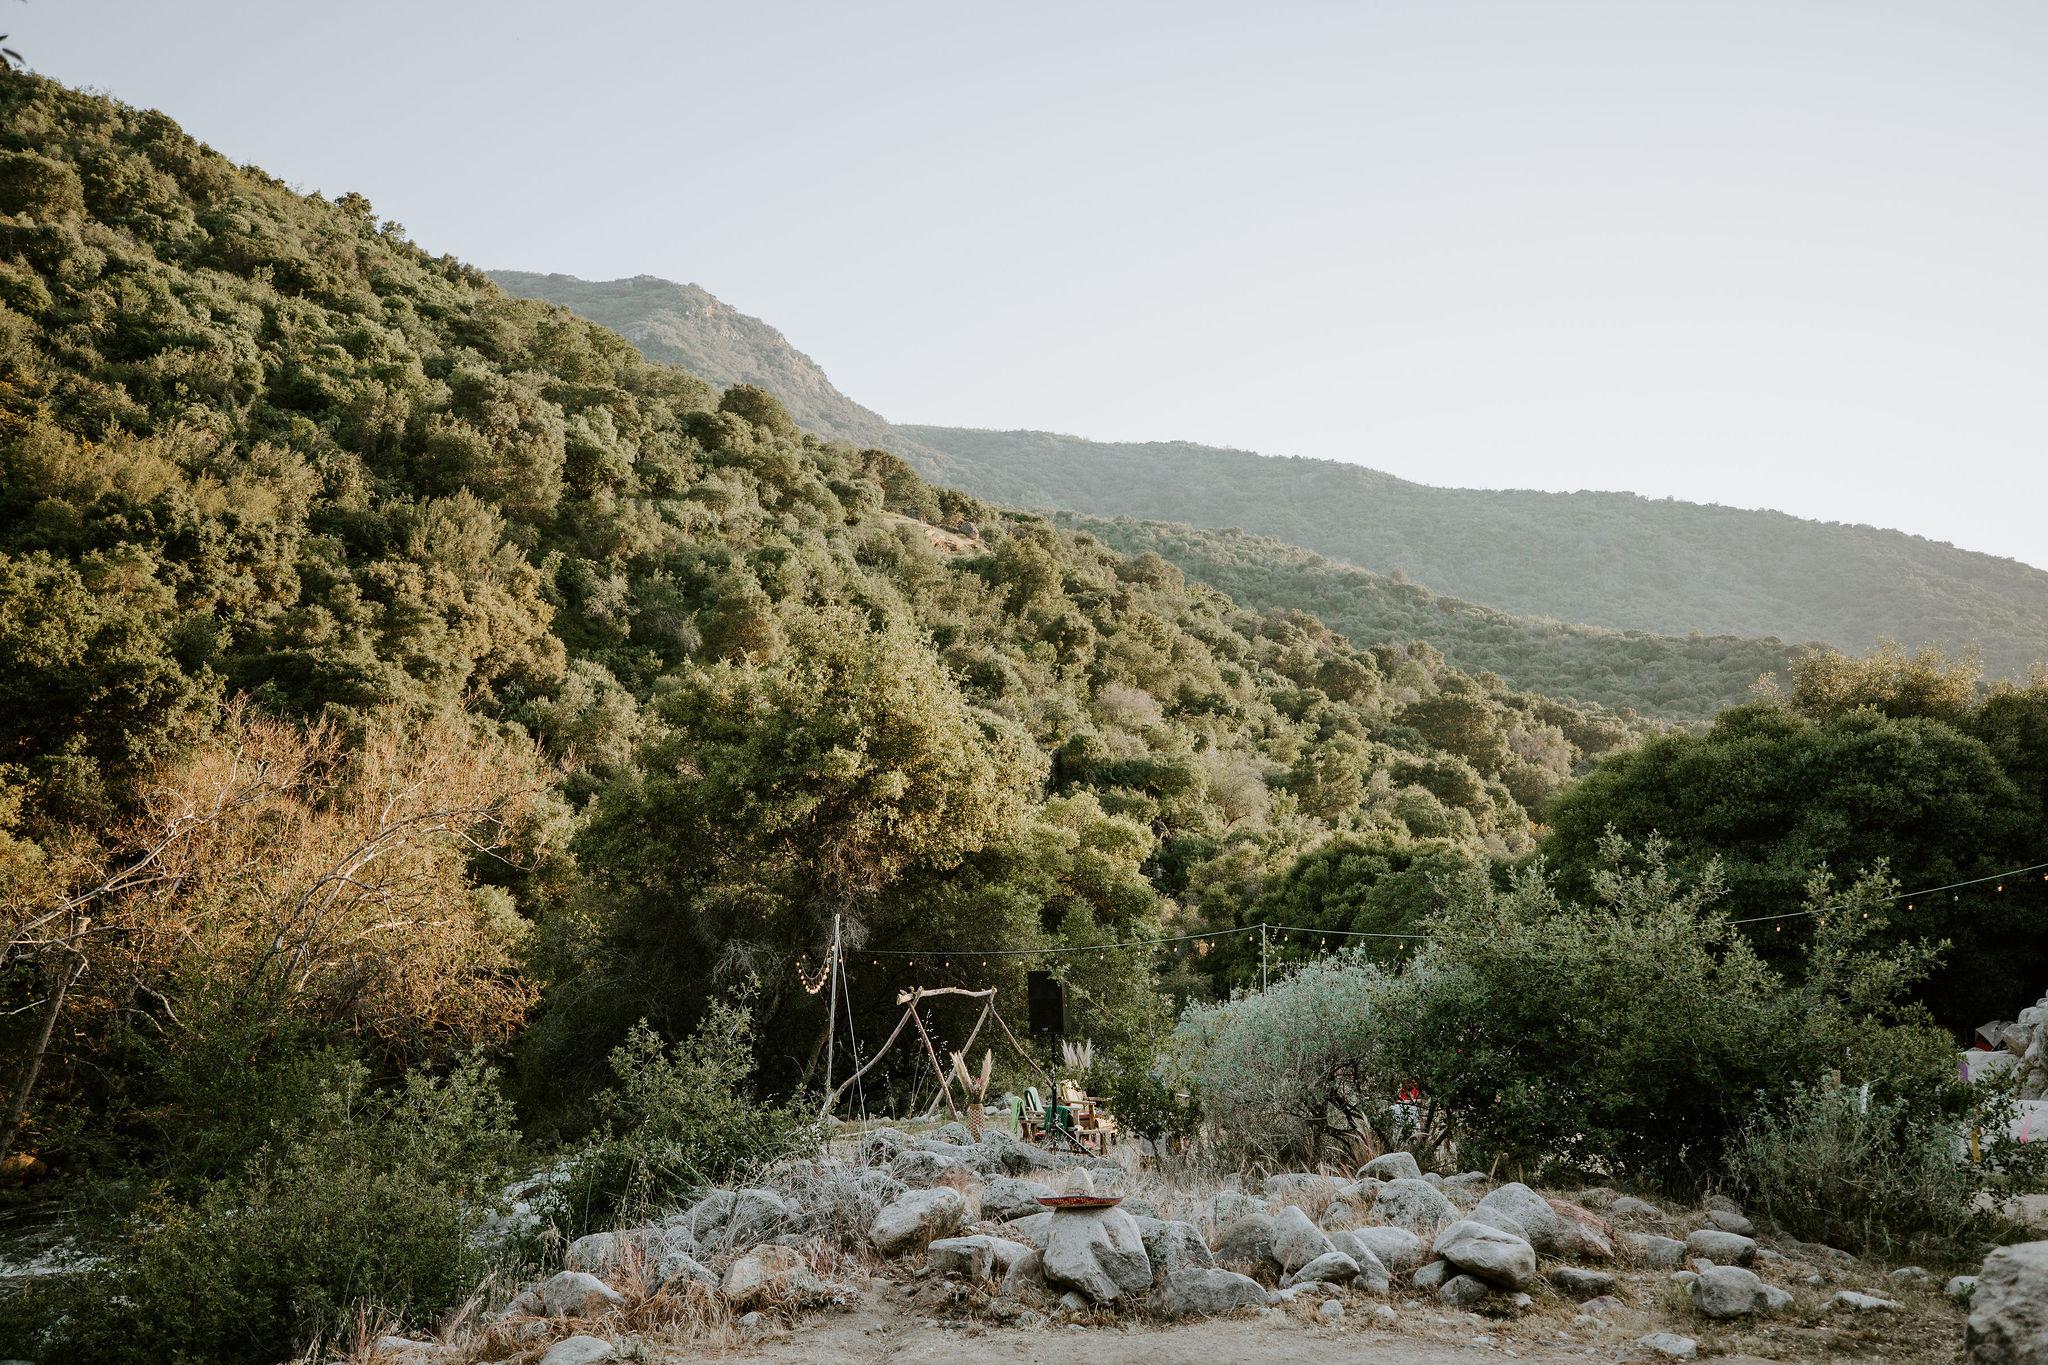 RedwoodRanch_Geoff&LyndsiPhotography_Mike&Amanda_Reception8.jpg